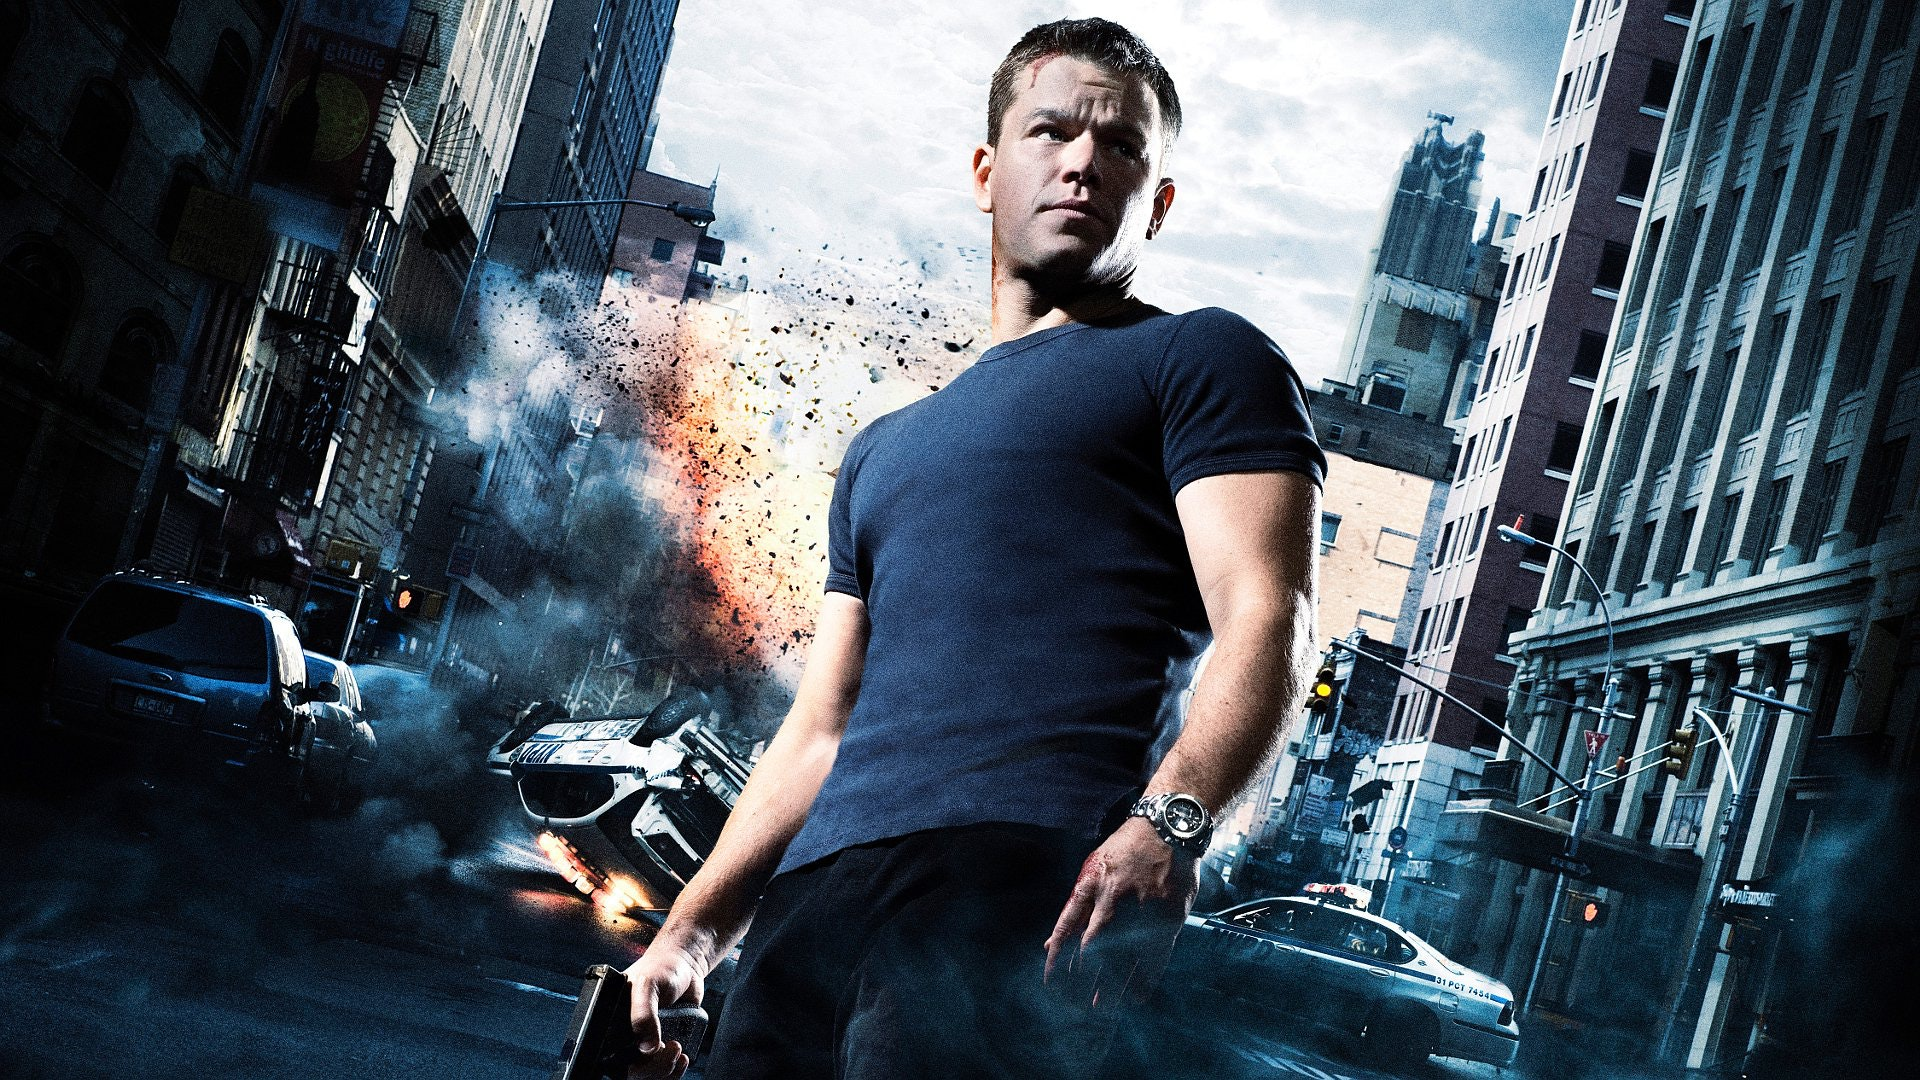 Bourne Ultimatum Soundtrack